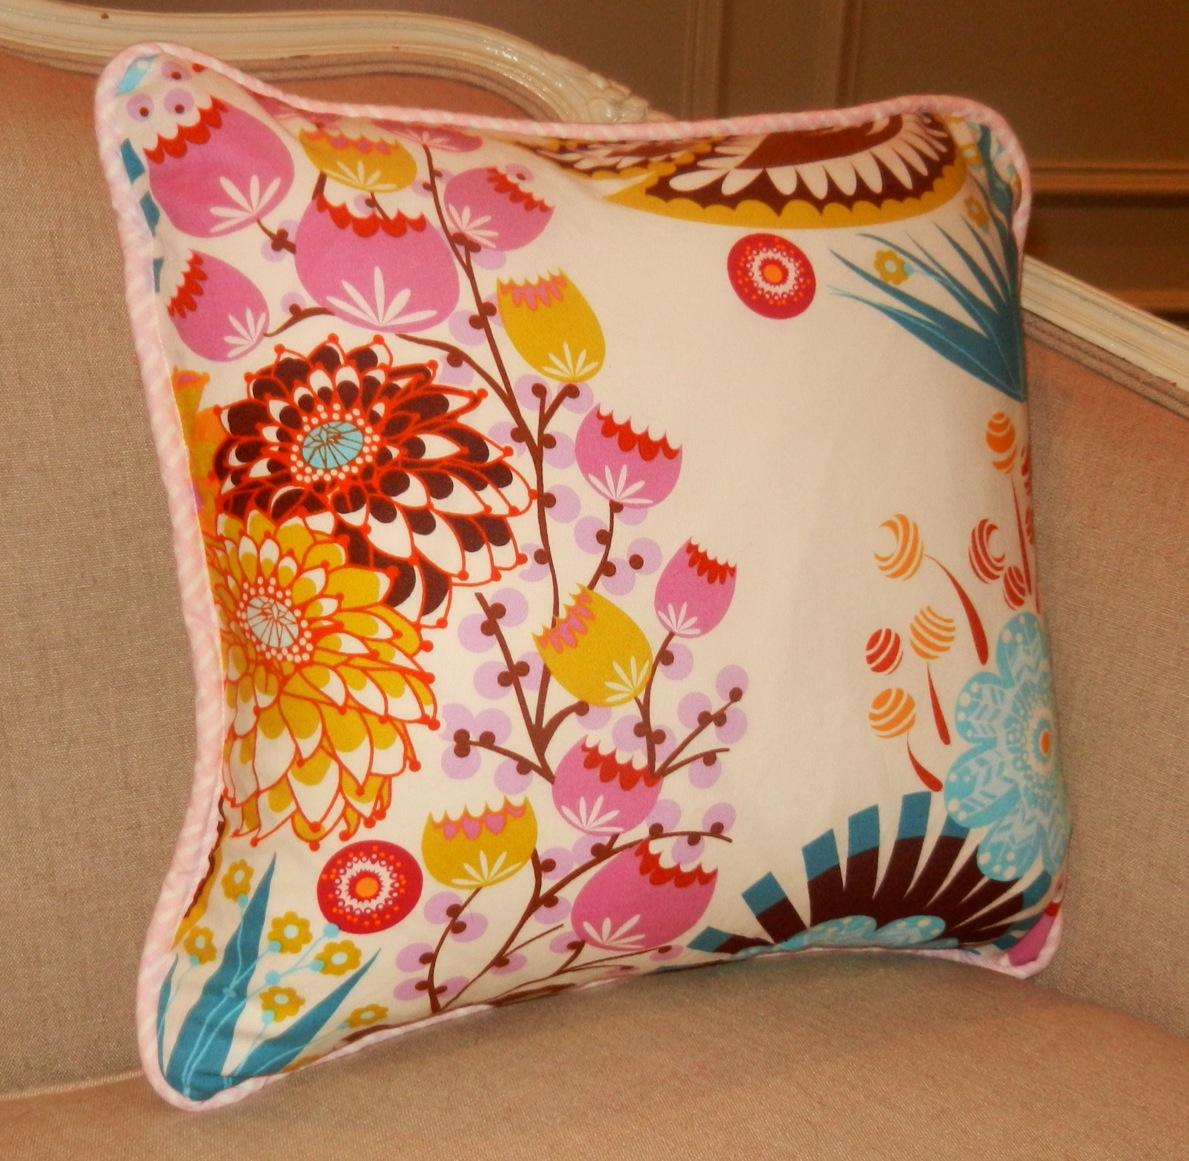 Sally Craft: Anna Maria Horner Pillow